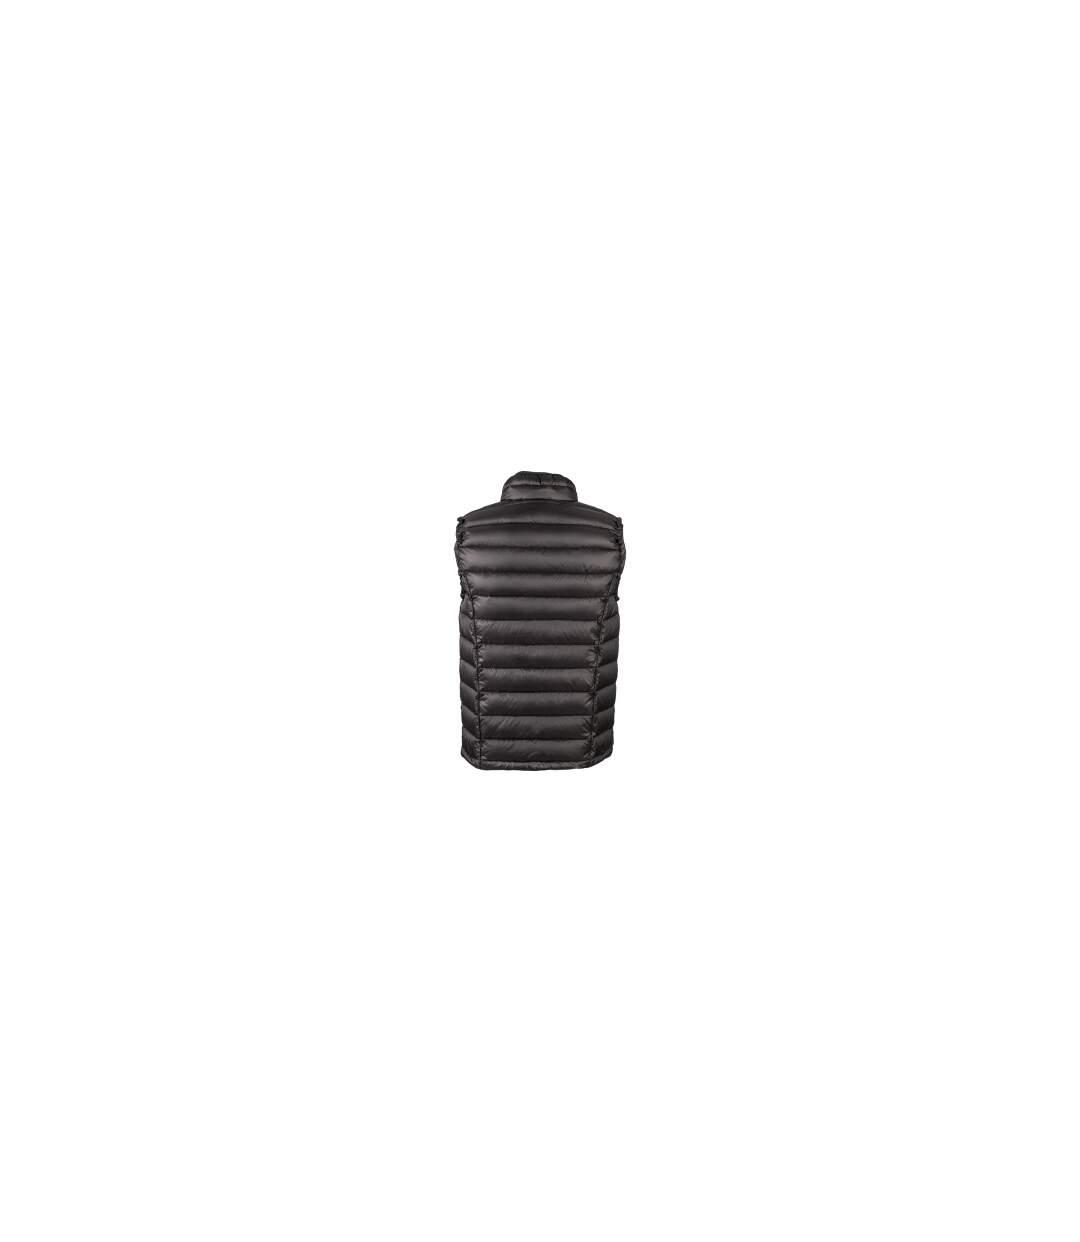 Gilet sans manche matelassé duvet HOMME - JN1080 noir - doudoune anorak